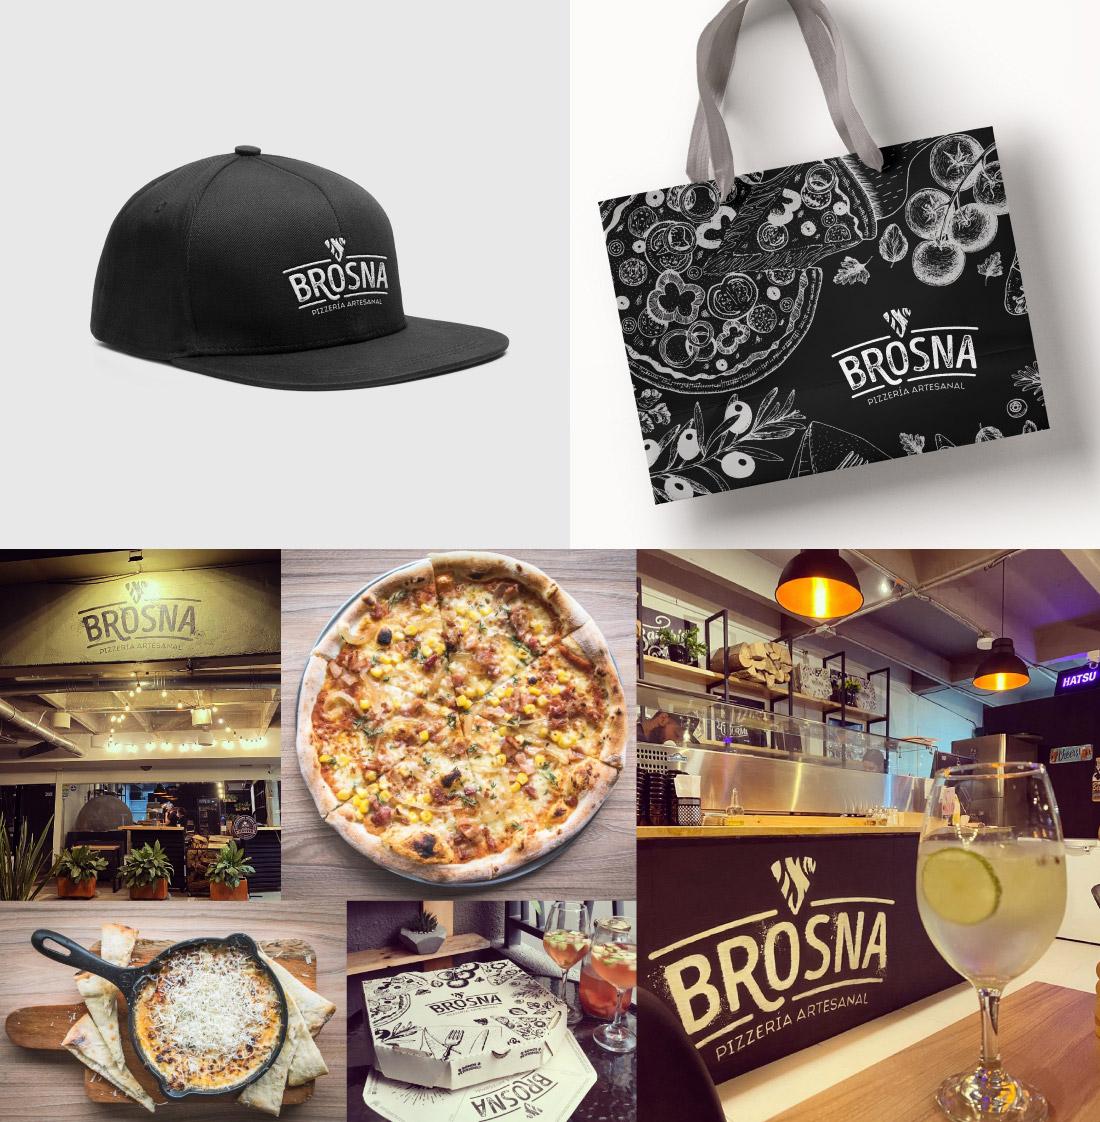 Brosna Pizería artesanal construcción de marca (branding) para negocio de pizza